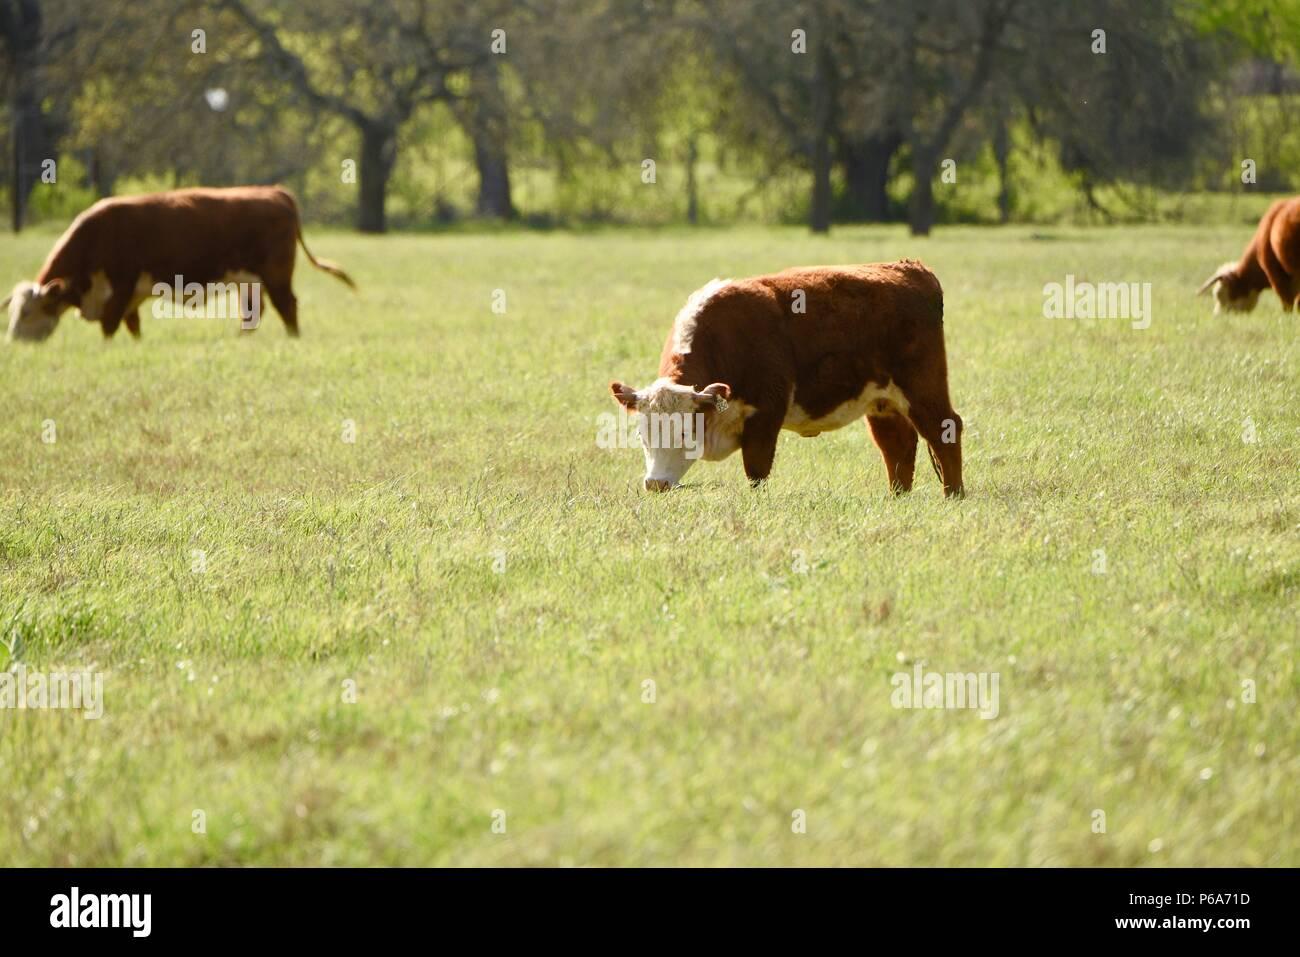 Vaca Hereford descendió Johnson's registrados de la manada de ganado Hereford, Lyndon B. Johnson National Historical Park, Texas, EE.UU. Foto de stock